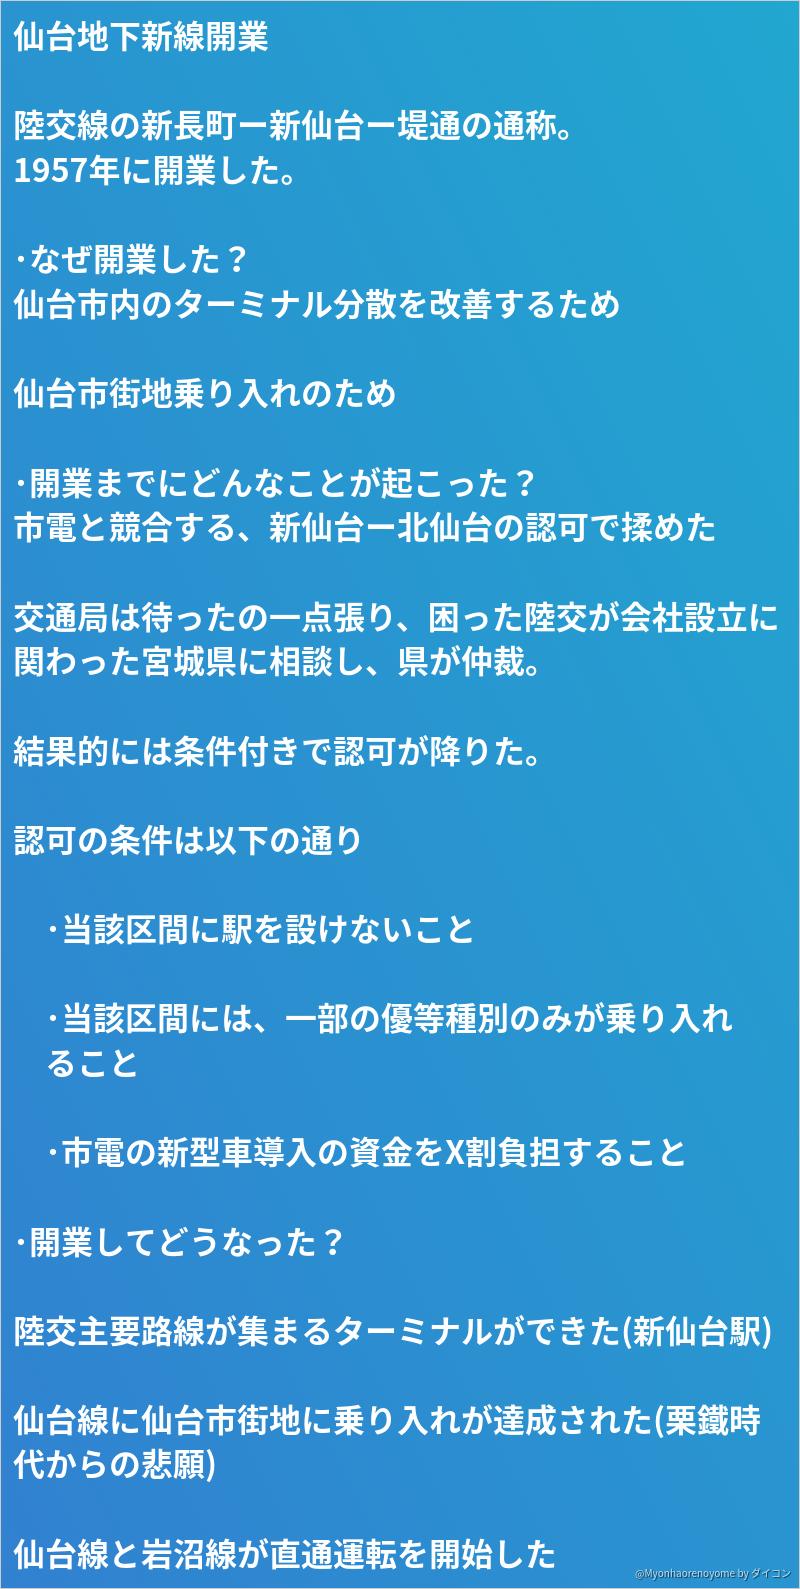 プロトファスマ(2)さんの投稿一覧 | ダイコン 文字を画像に変換して ...